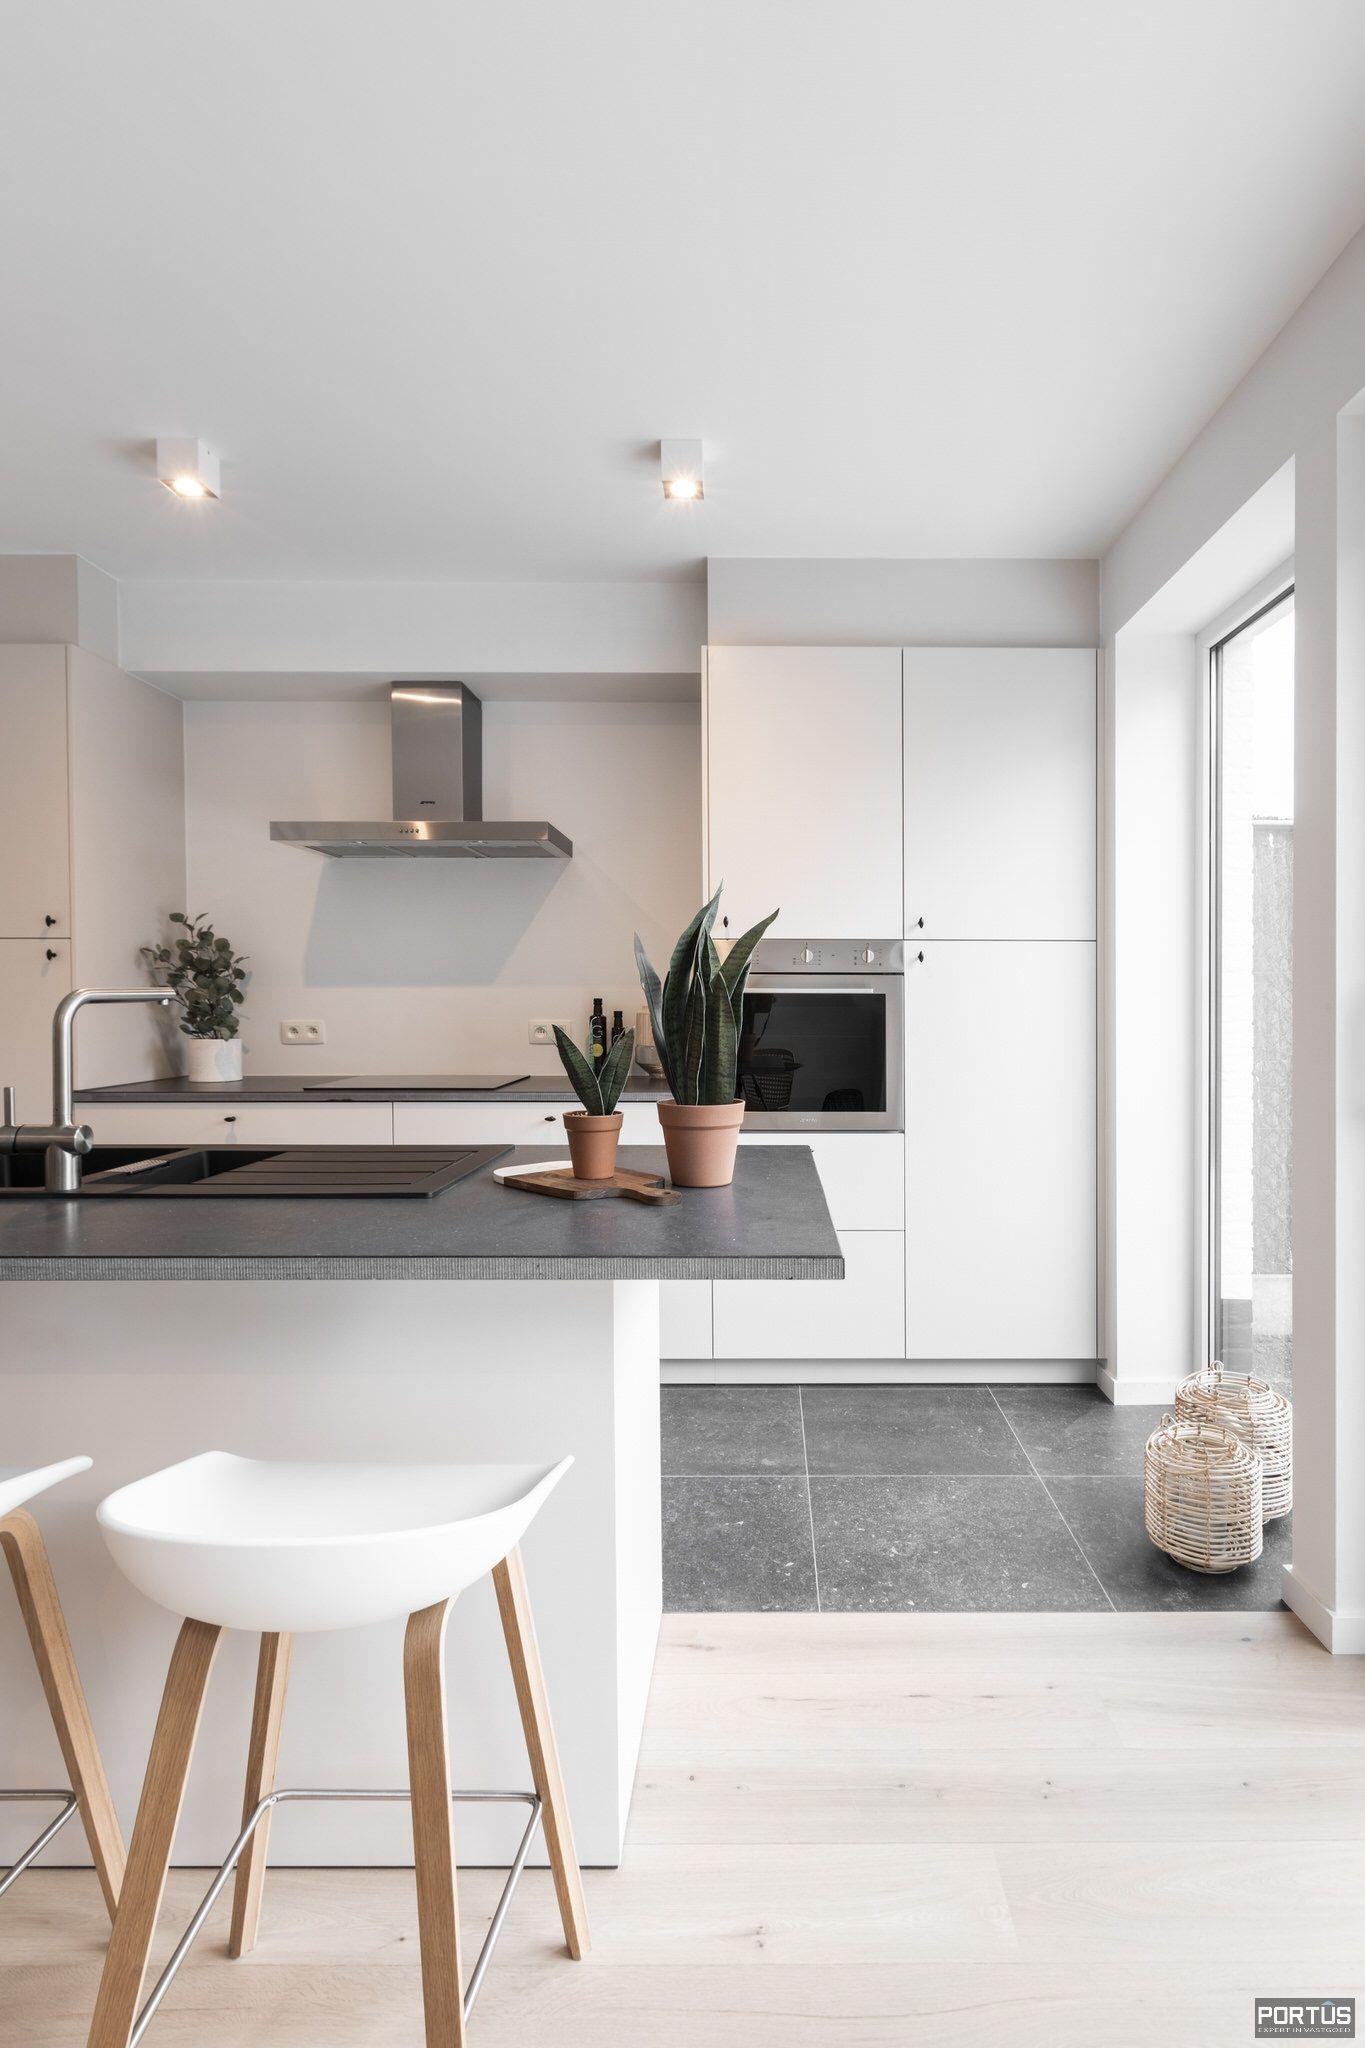 Nieuwbouwwoning met 4 slaapkamers te koop te Lombardsijde - 11839